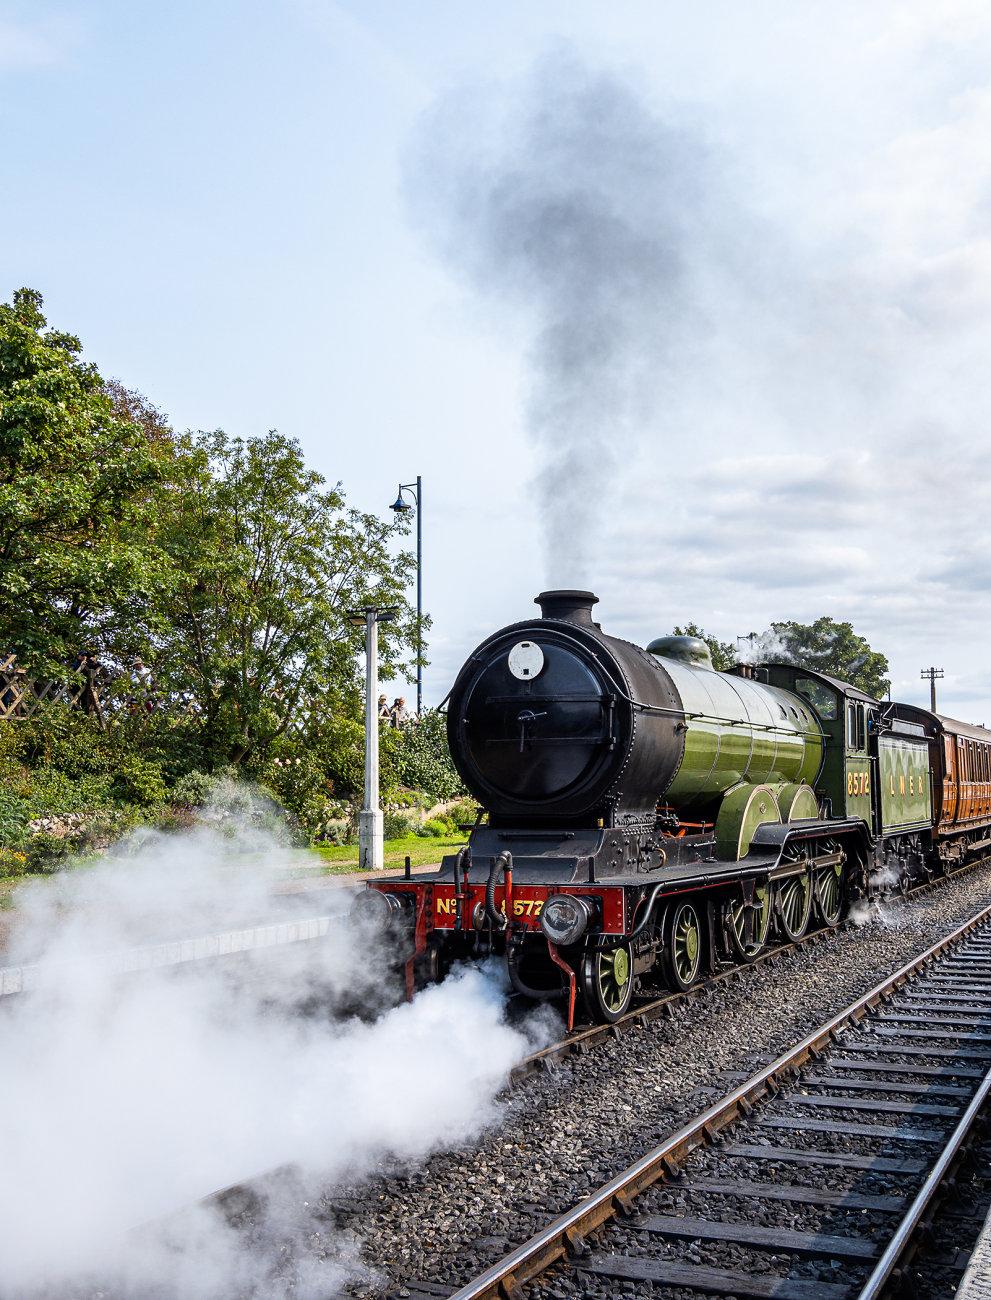 Train leaving Sheringham station